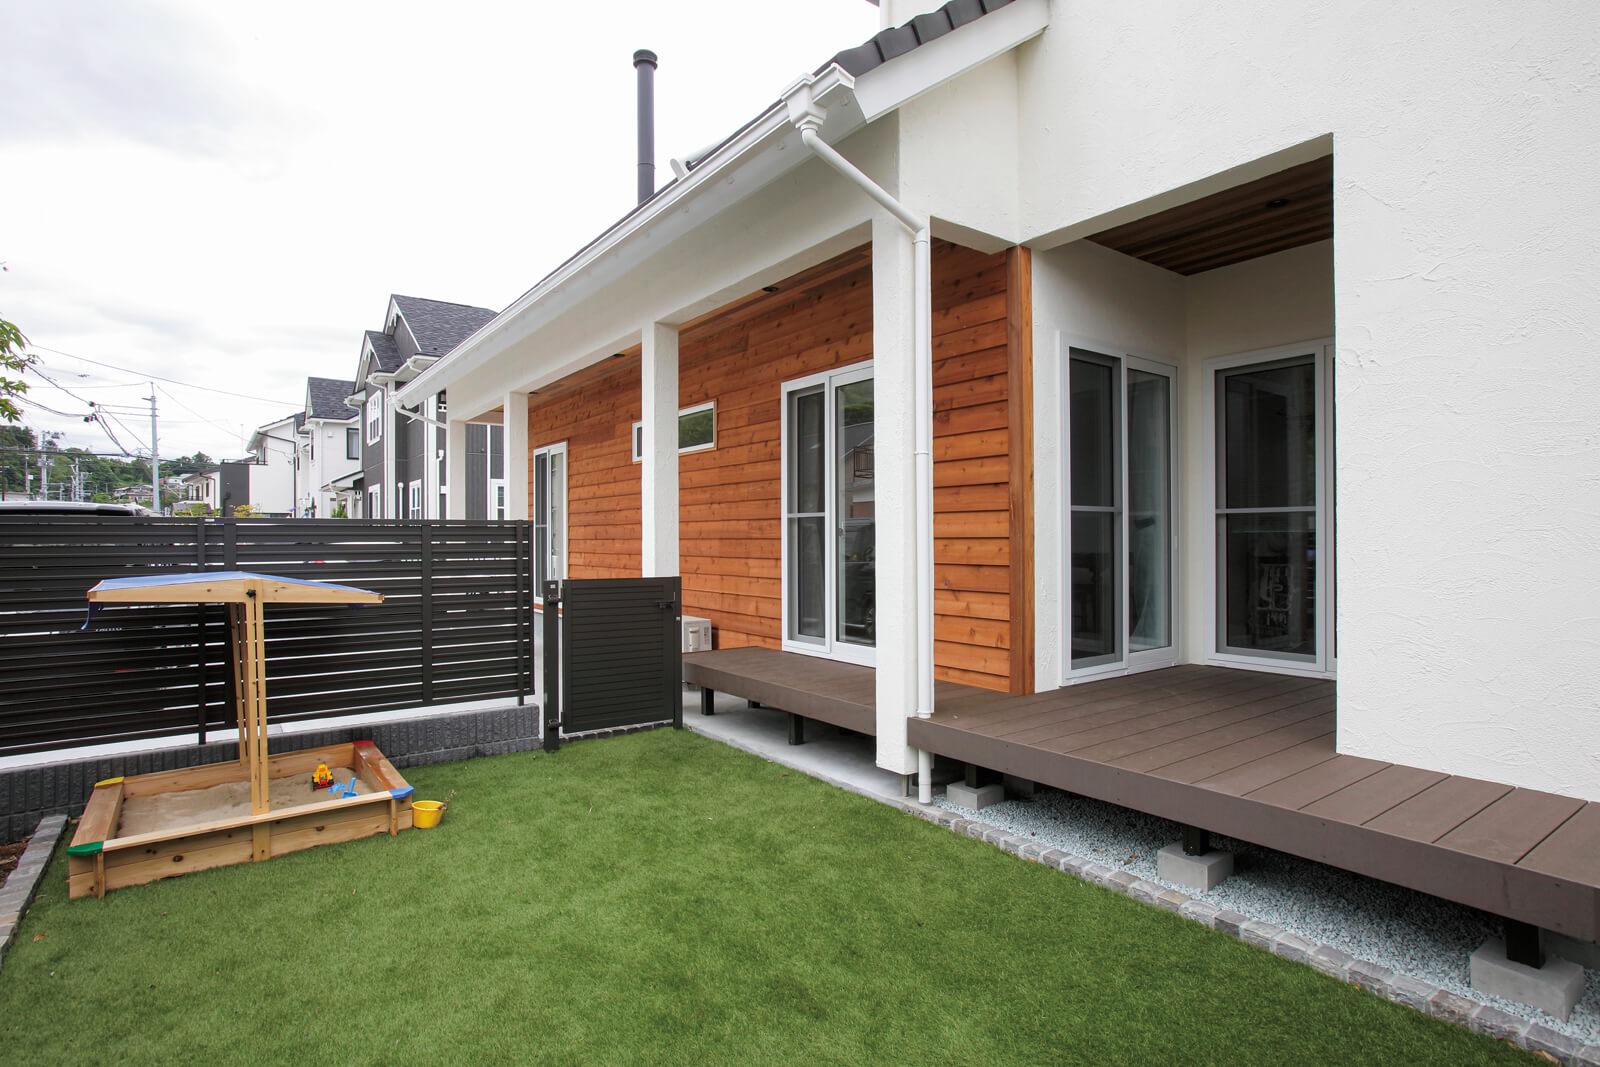 庭からの眺め。屋根付きのテラスはダイニングからもユーティリティからもアクセスできて便利